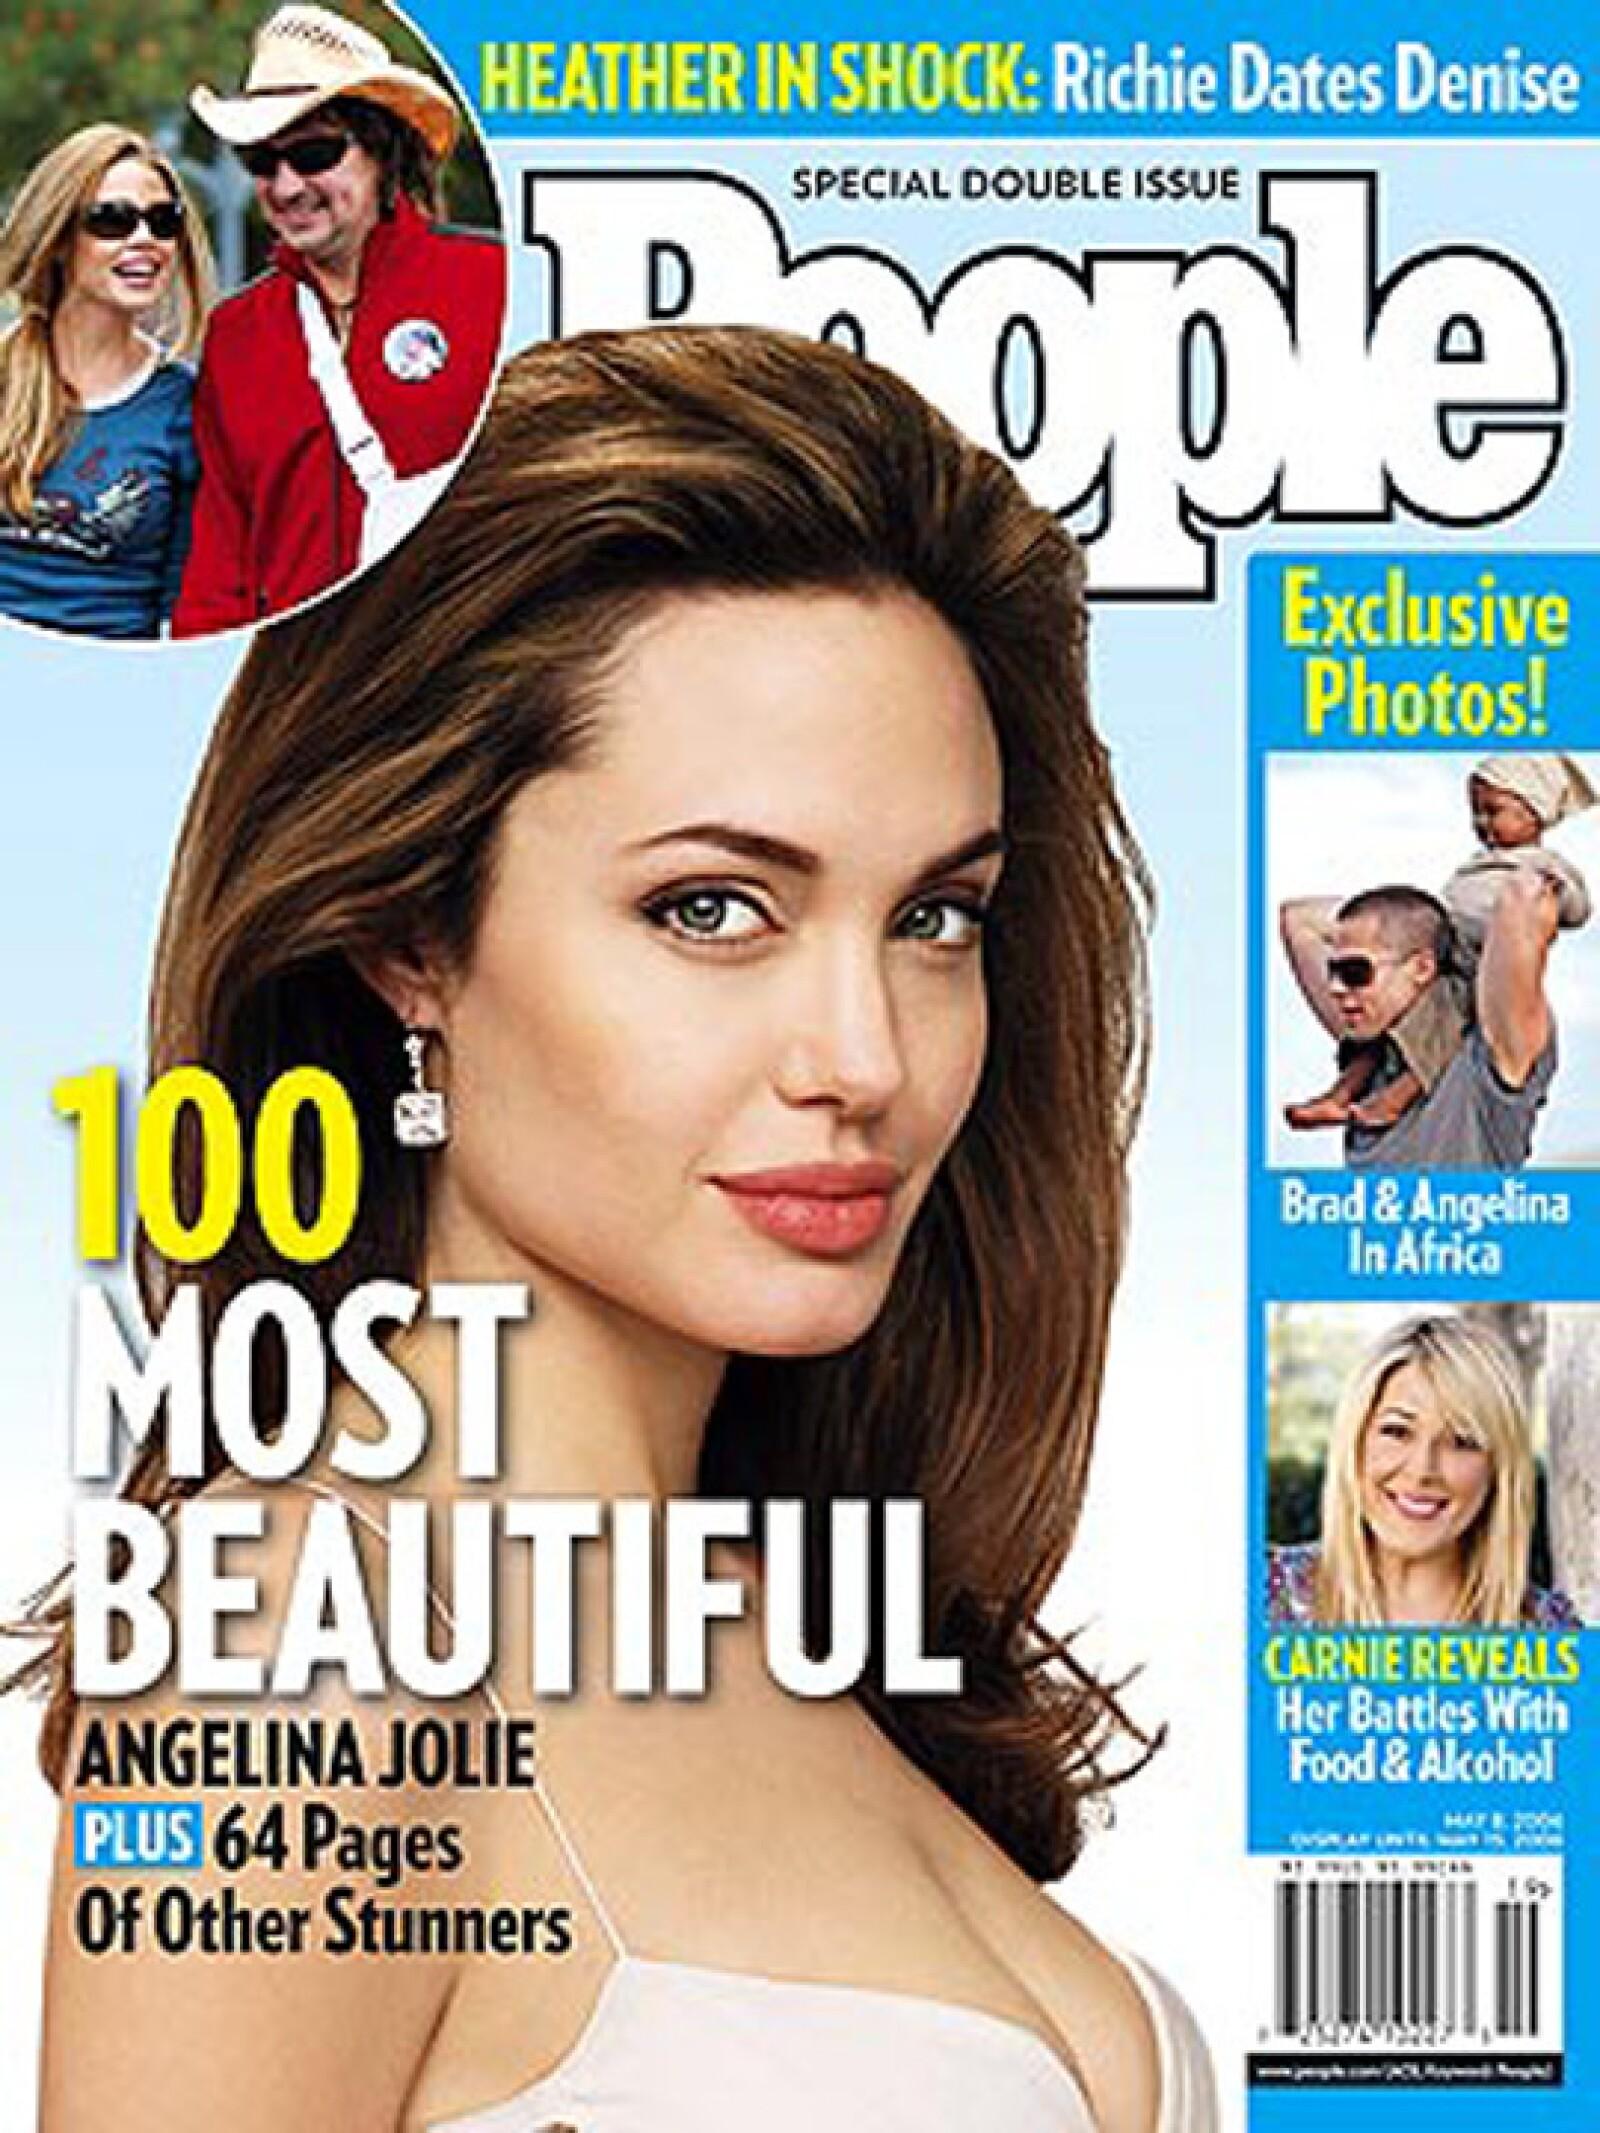 La sensualidad de Angelina Jolie fue popular en 2006.